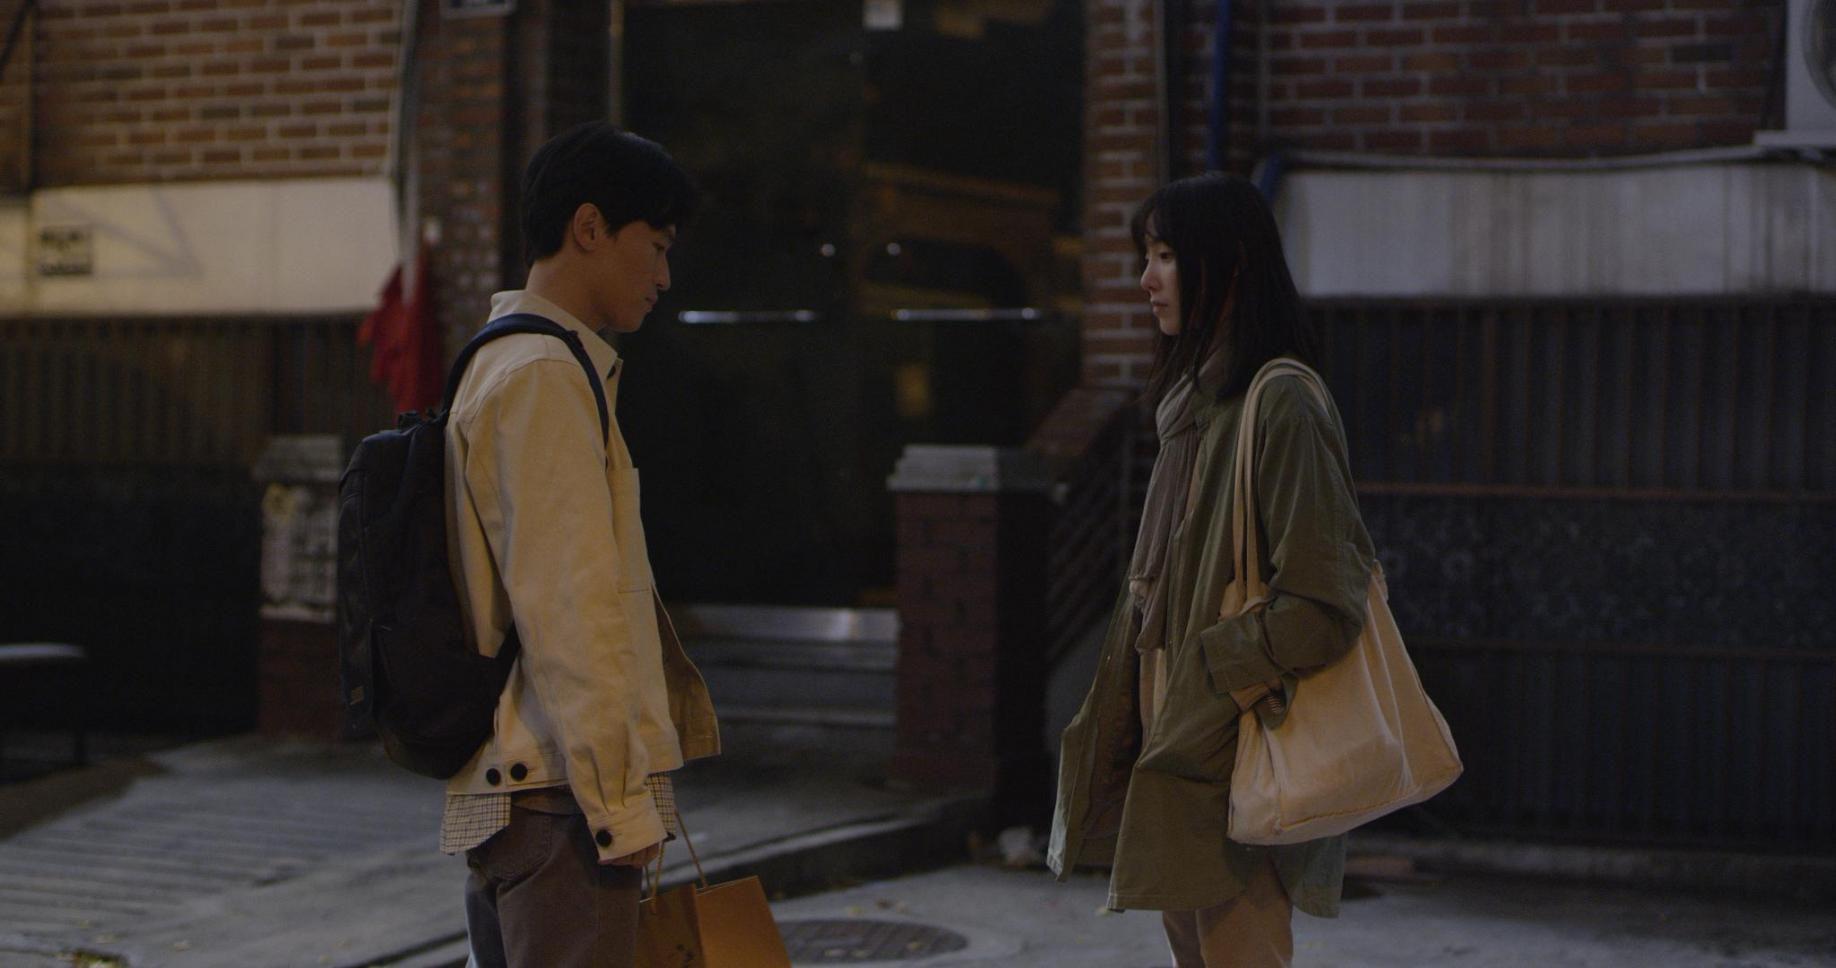 Lạc Hồn: Phim kinh dị Hàn với thông điệp về lối sống ích kỷ của con người (3)